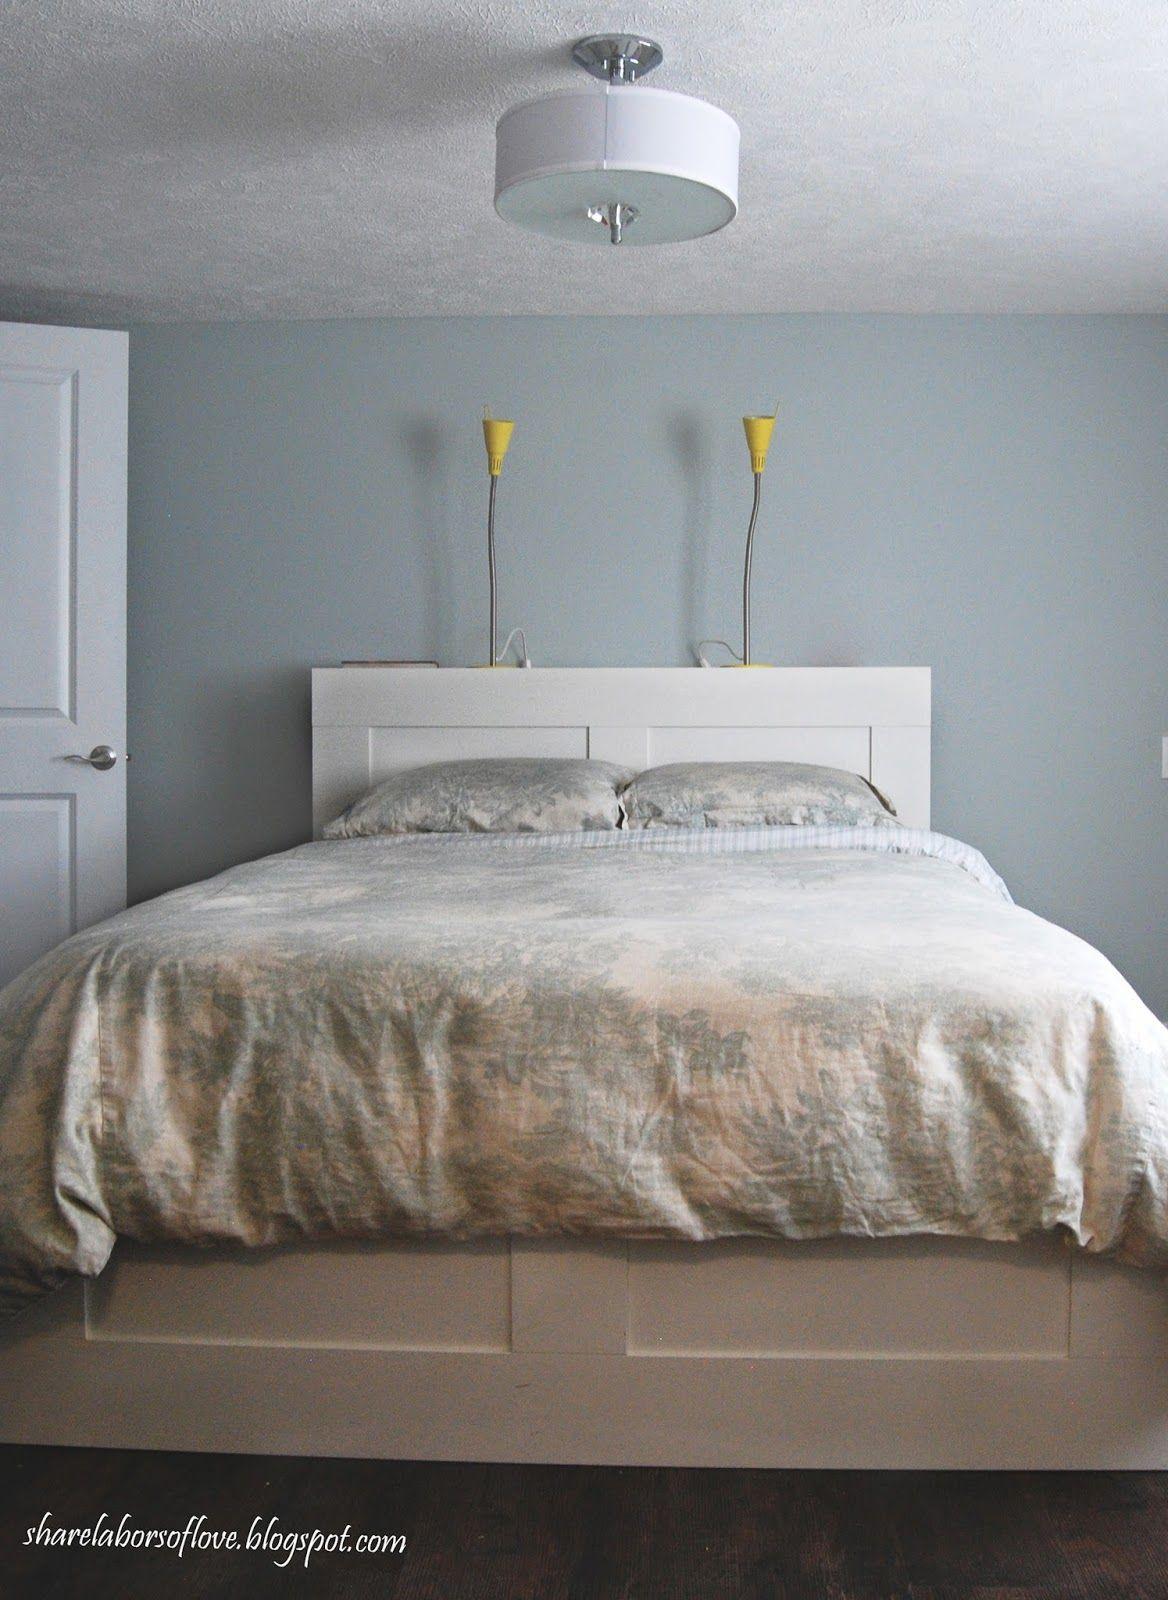 Kleur muur | Ideeën voor het huis | Pinterest | Quiet moments ...